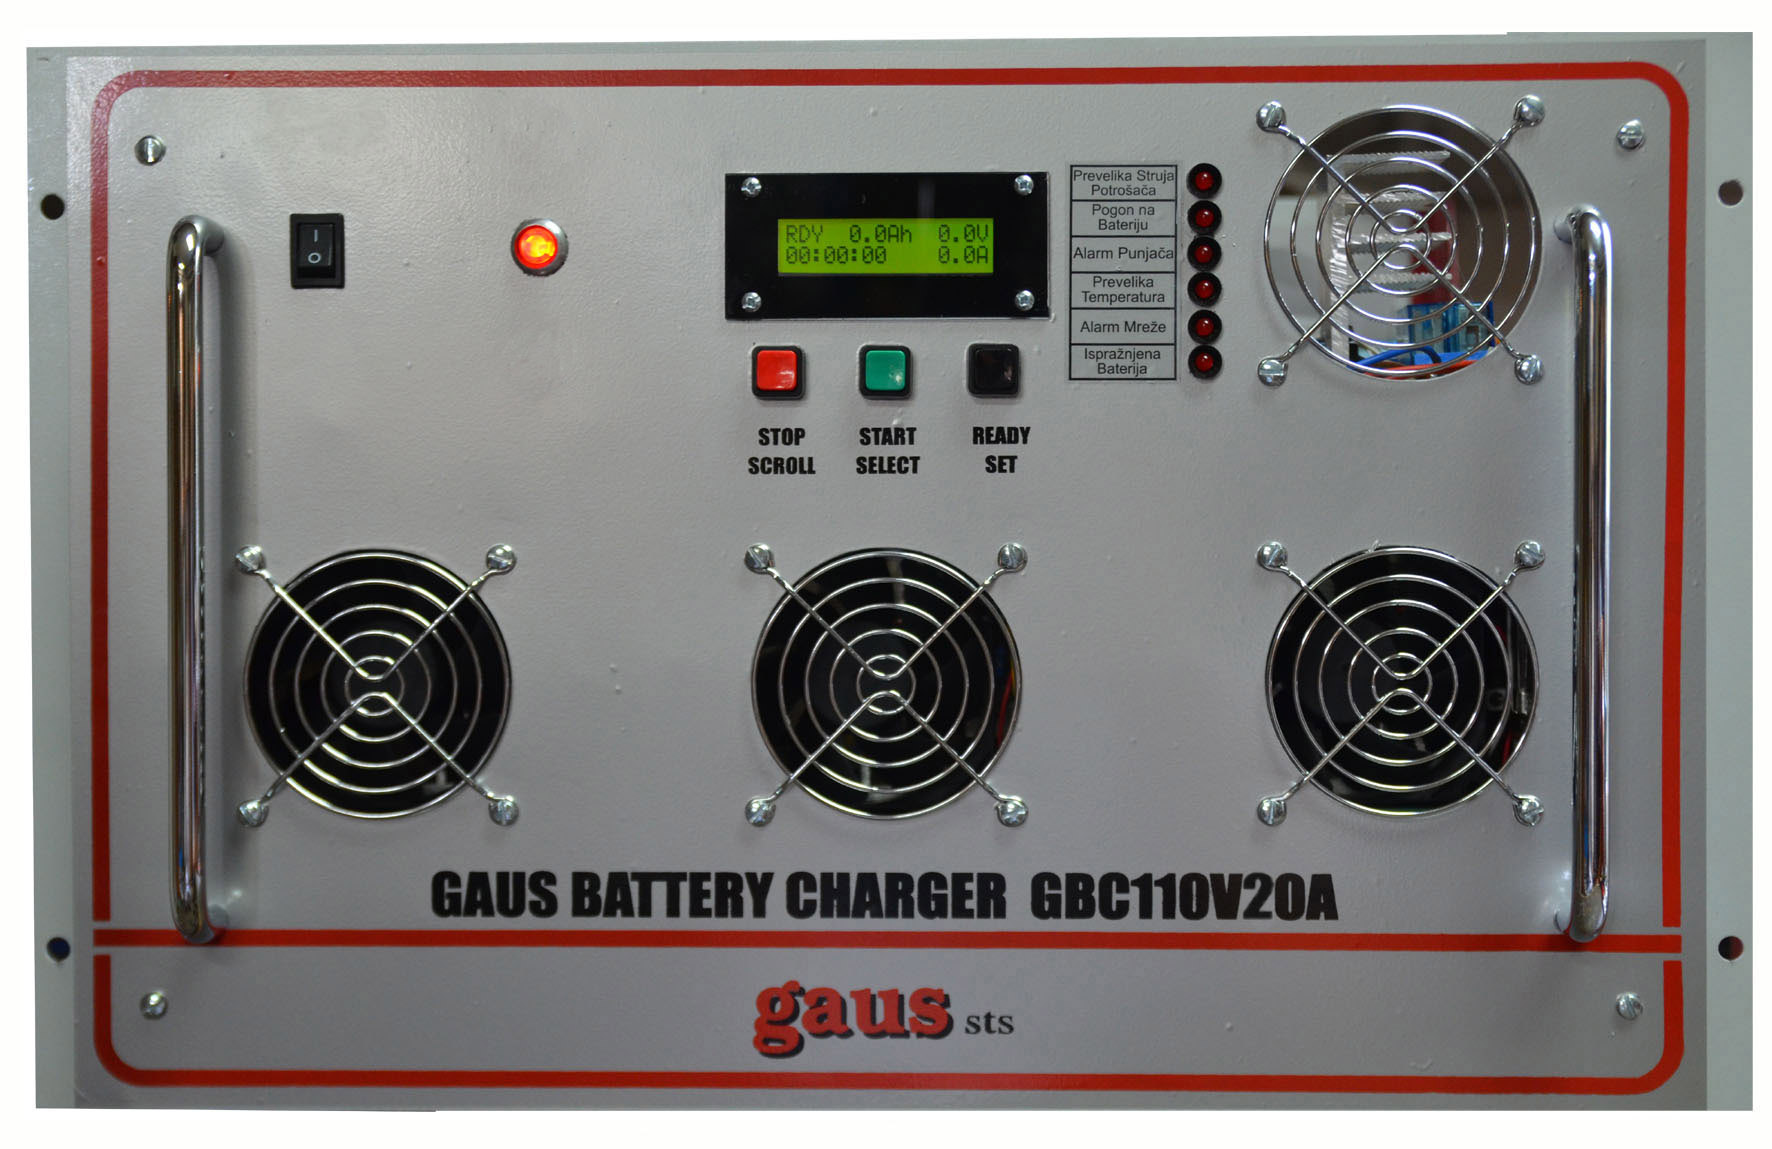 GBC110V20A